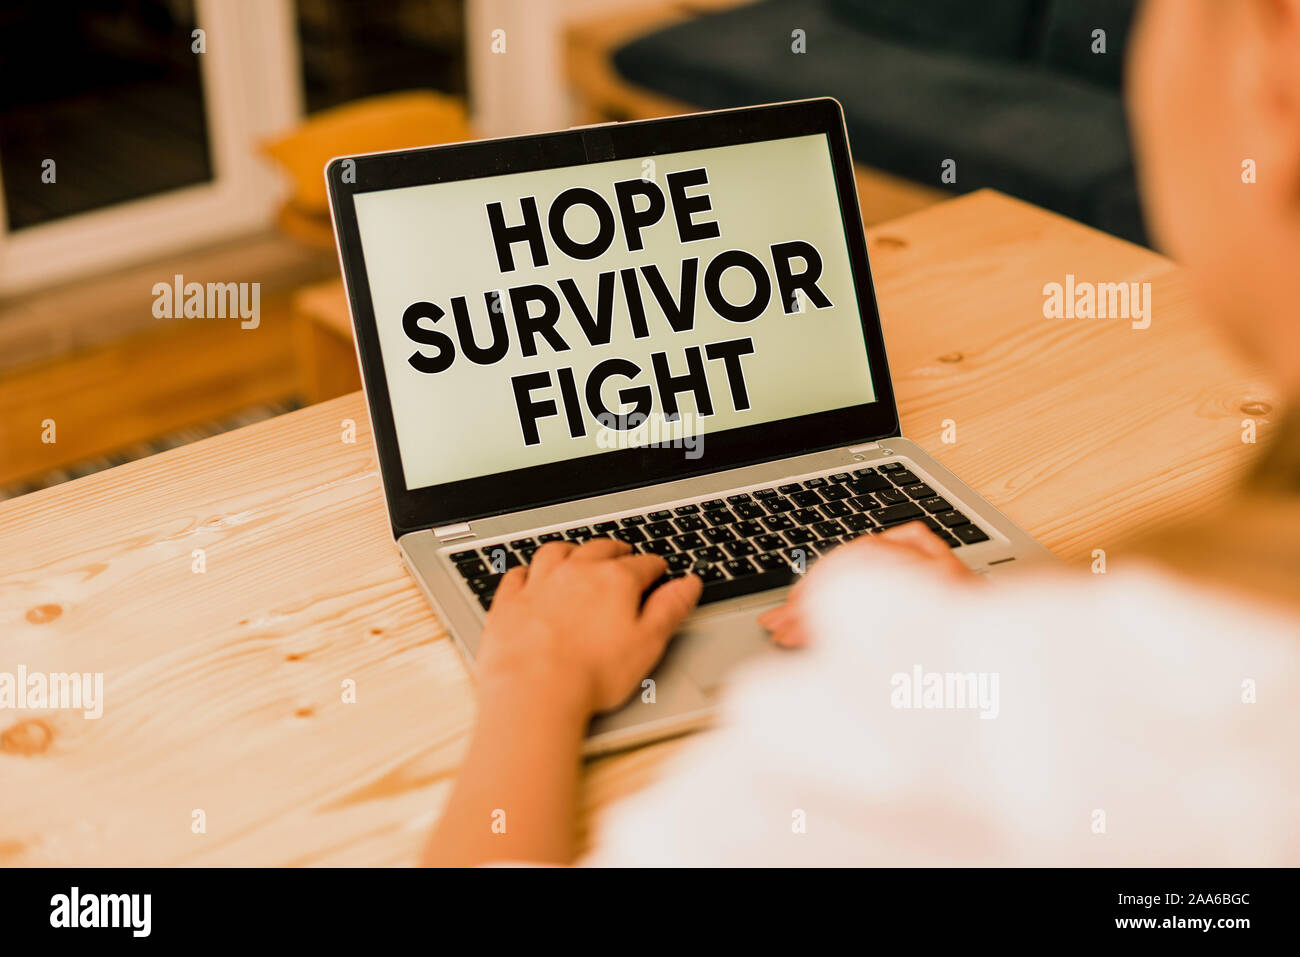 Signe texte montrant l'espoir survivant lutte. Texte photo entreprise position contre votre maladie être fighter stick à rêves femme smartphone ordinateur portable mug Banque D'Images